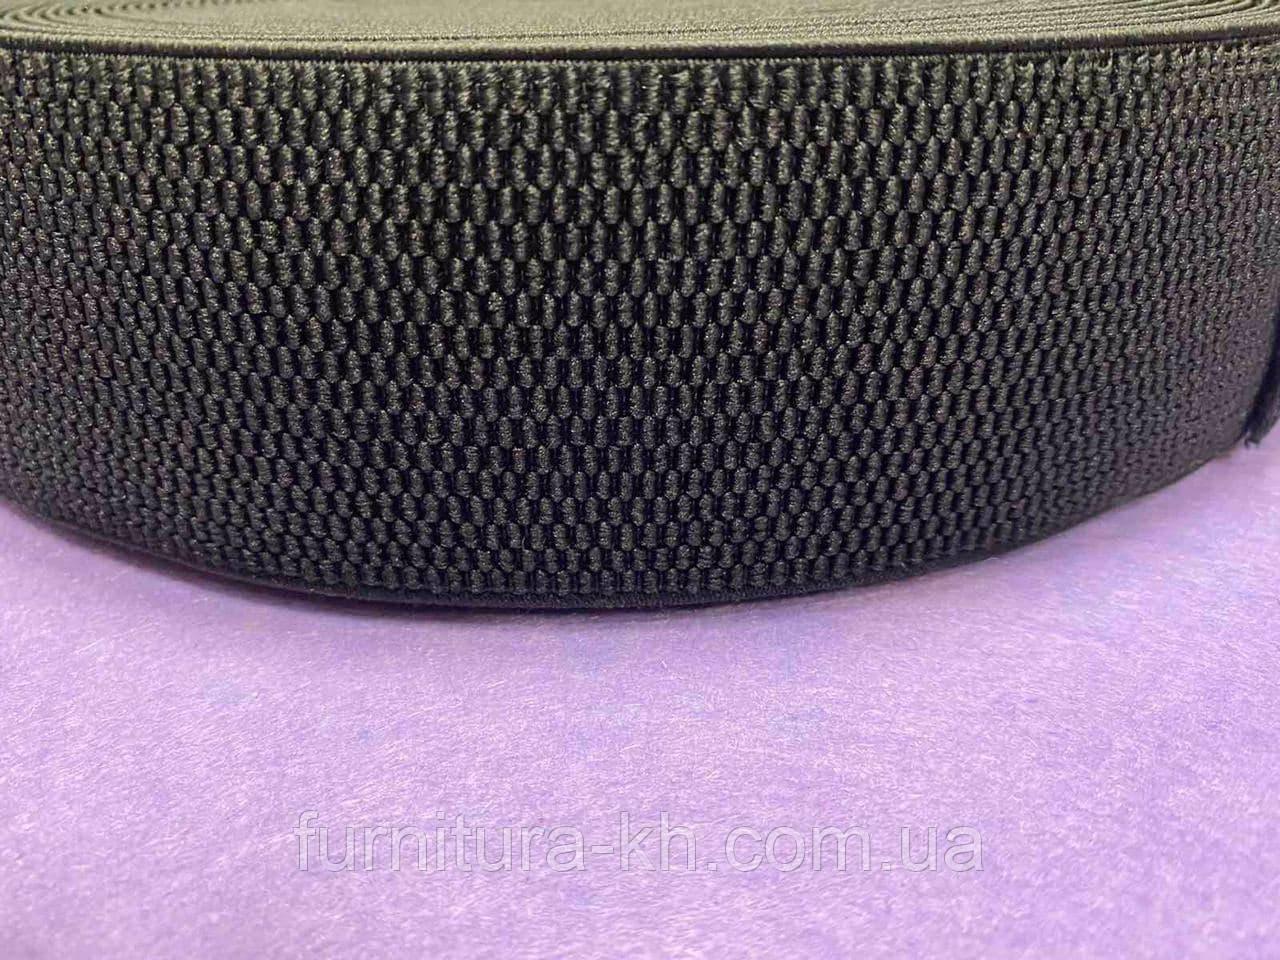 Резинка Поясная-Манжетная Черная 5 см. В рулоне 25 м